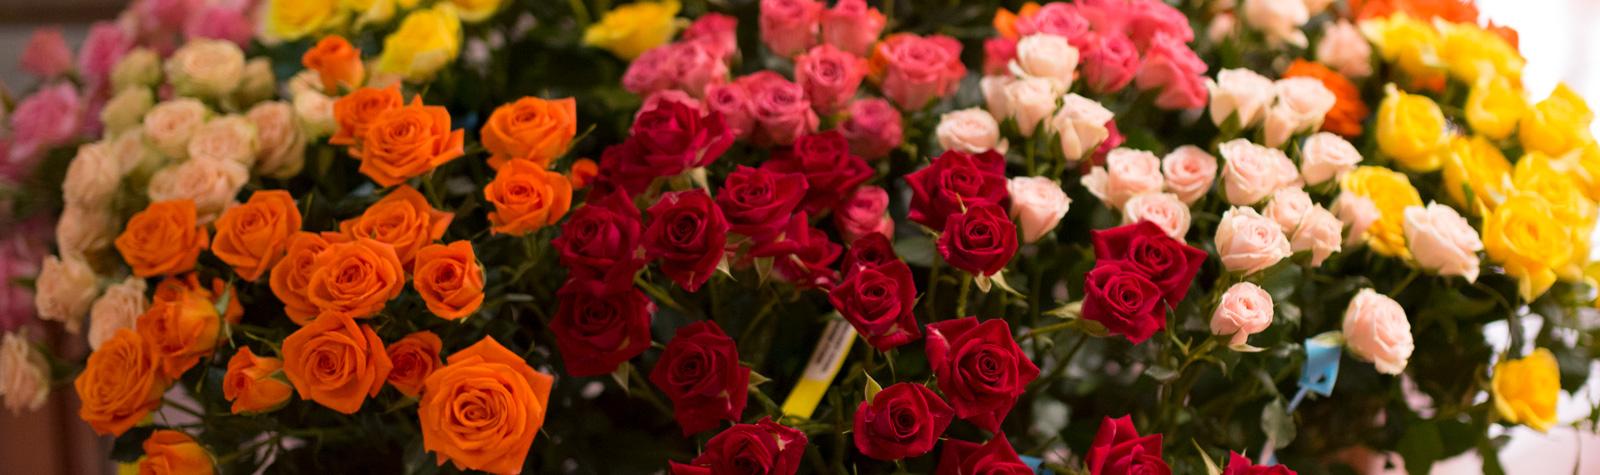 Trucos para cuidar tus ramos de rosas naturales